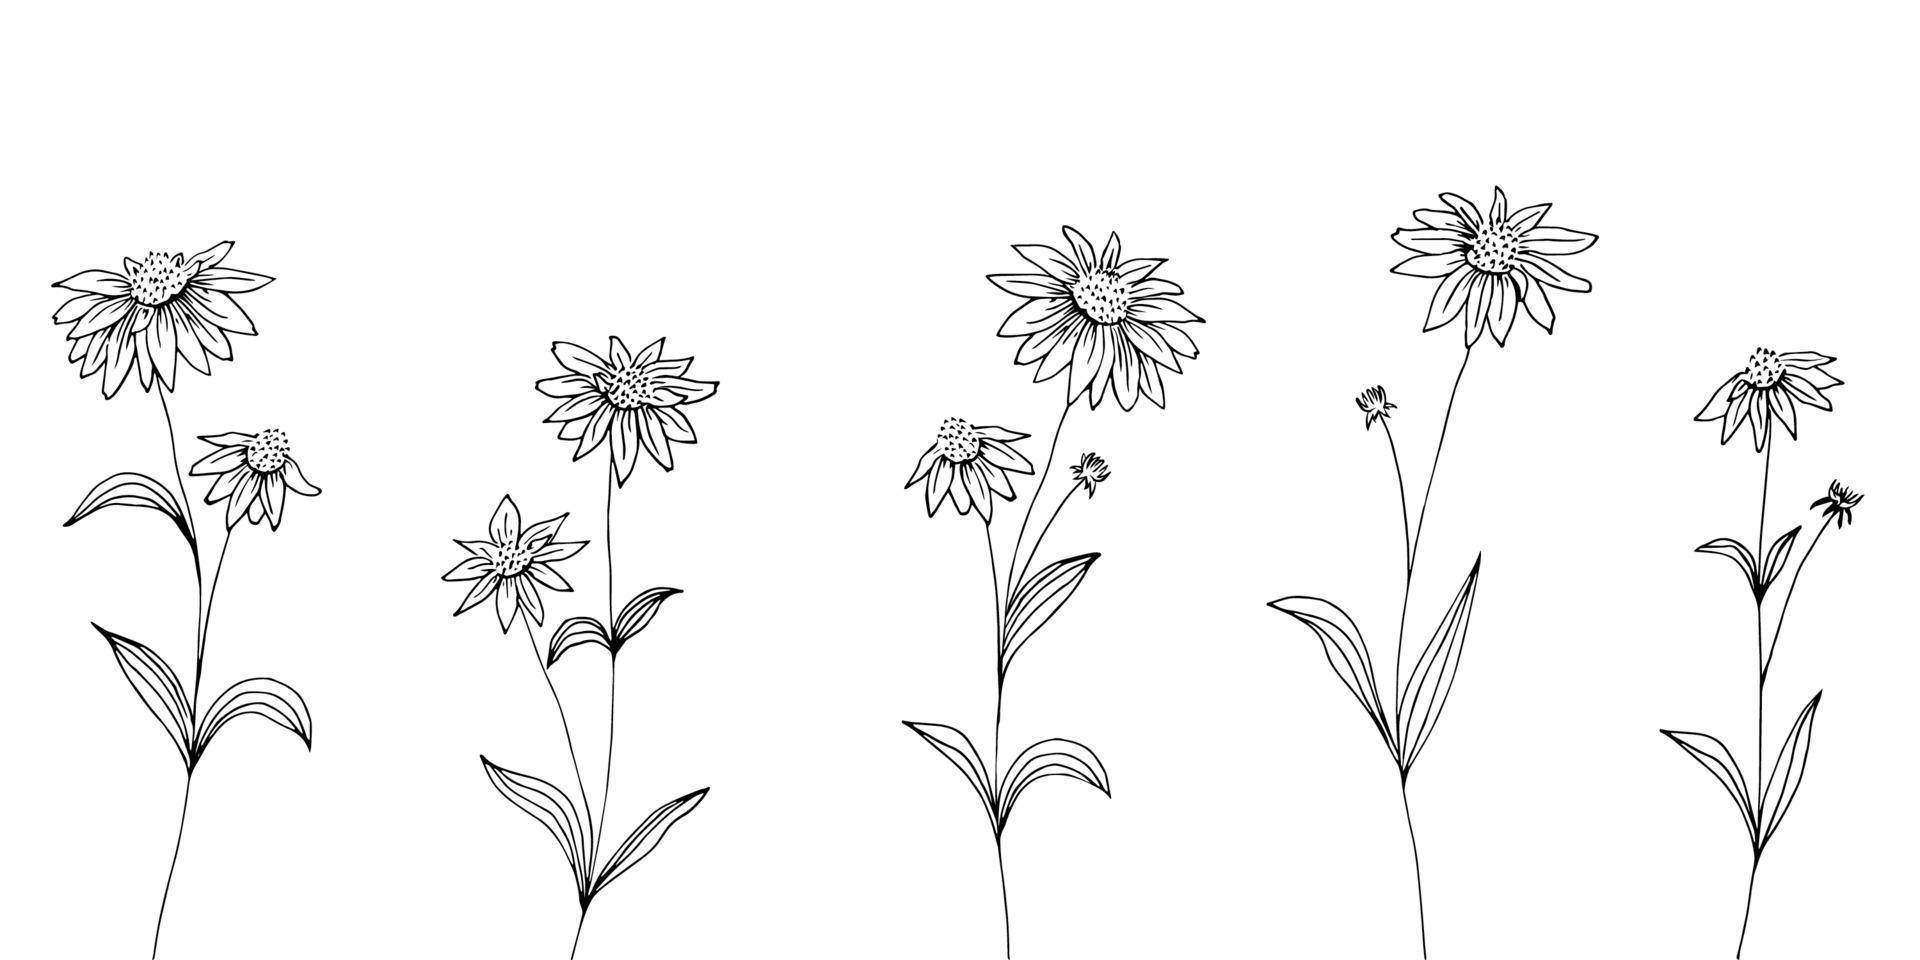 mão desenhado conjunto de flores de equinácea. flores e folhas. planta medicinal, ingrediente de chá de ervas. vetor